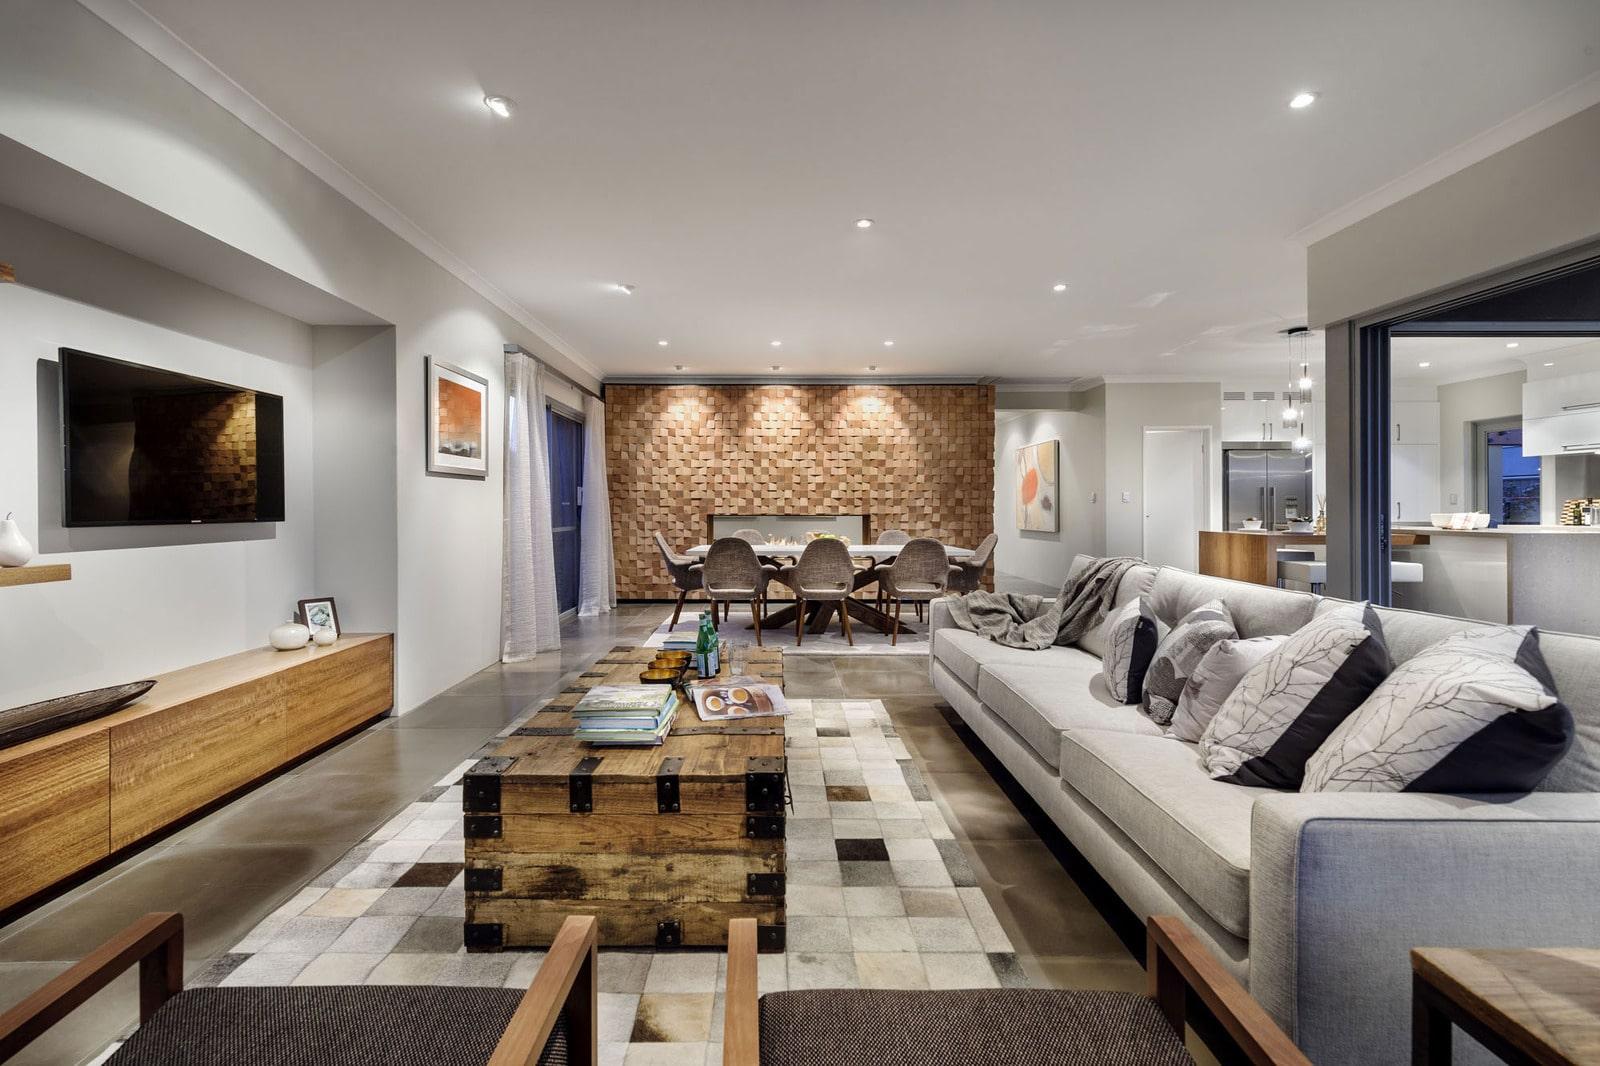 Diseño de casa moderna de dos pisos, fachada e interiores on Interiores De Casas Modernas  id=22004